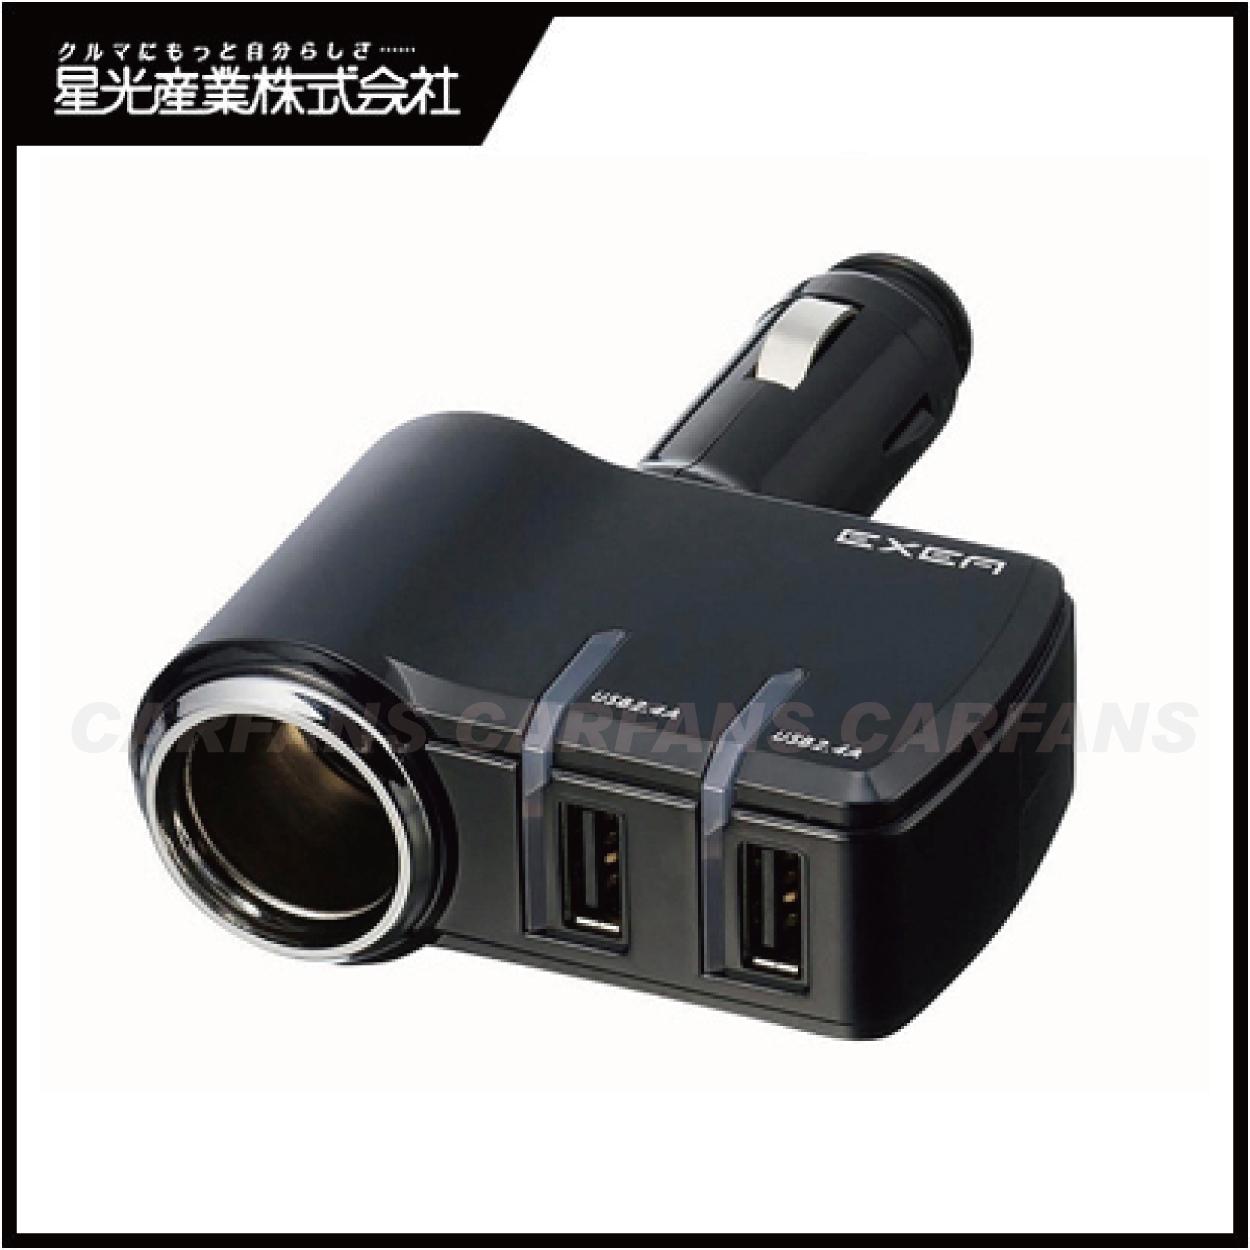 【愛車族購物網】EM-123 單孔 2USB電源插座-4.8A(黑色)